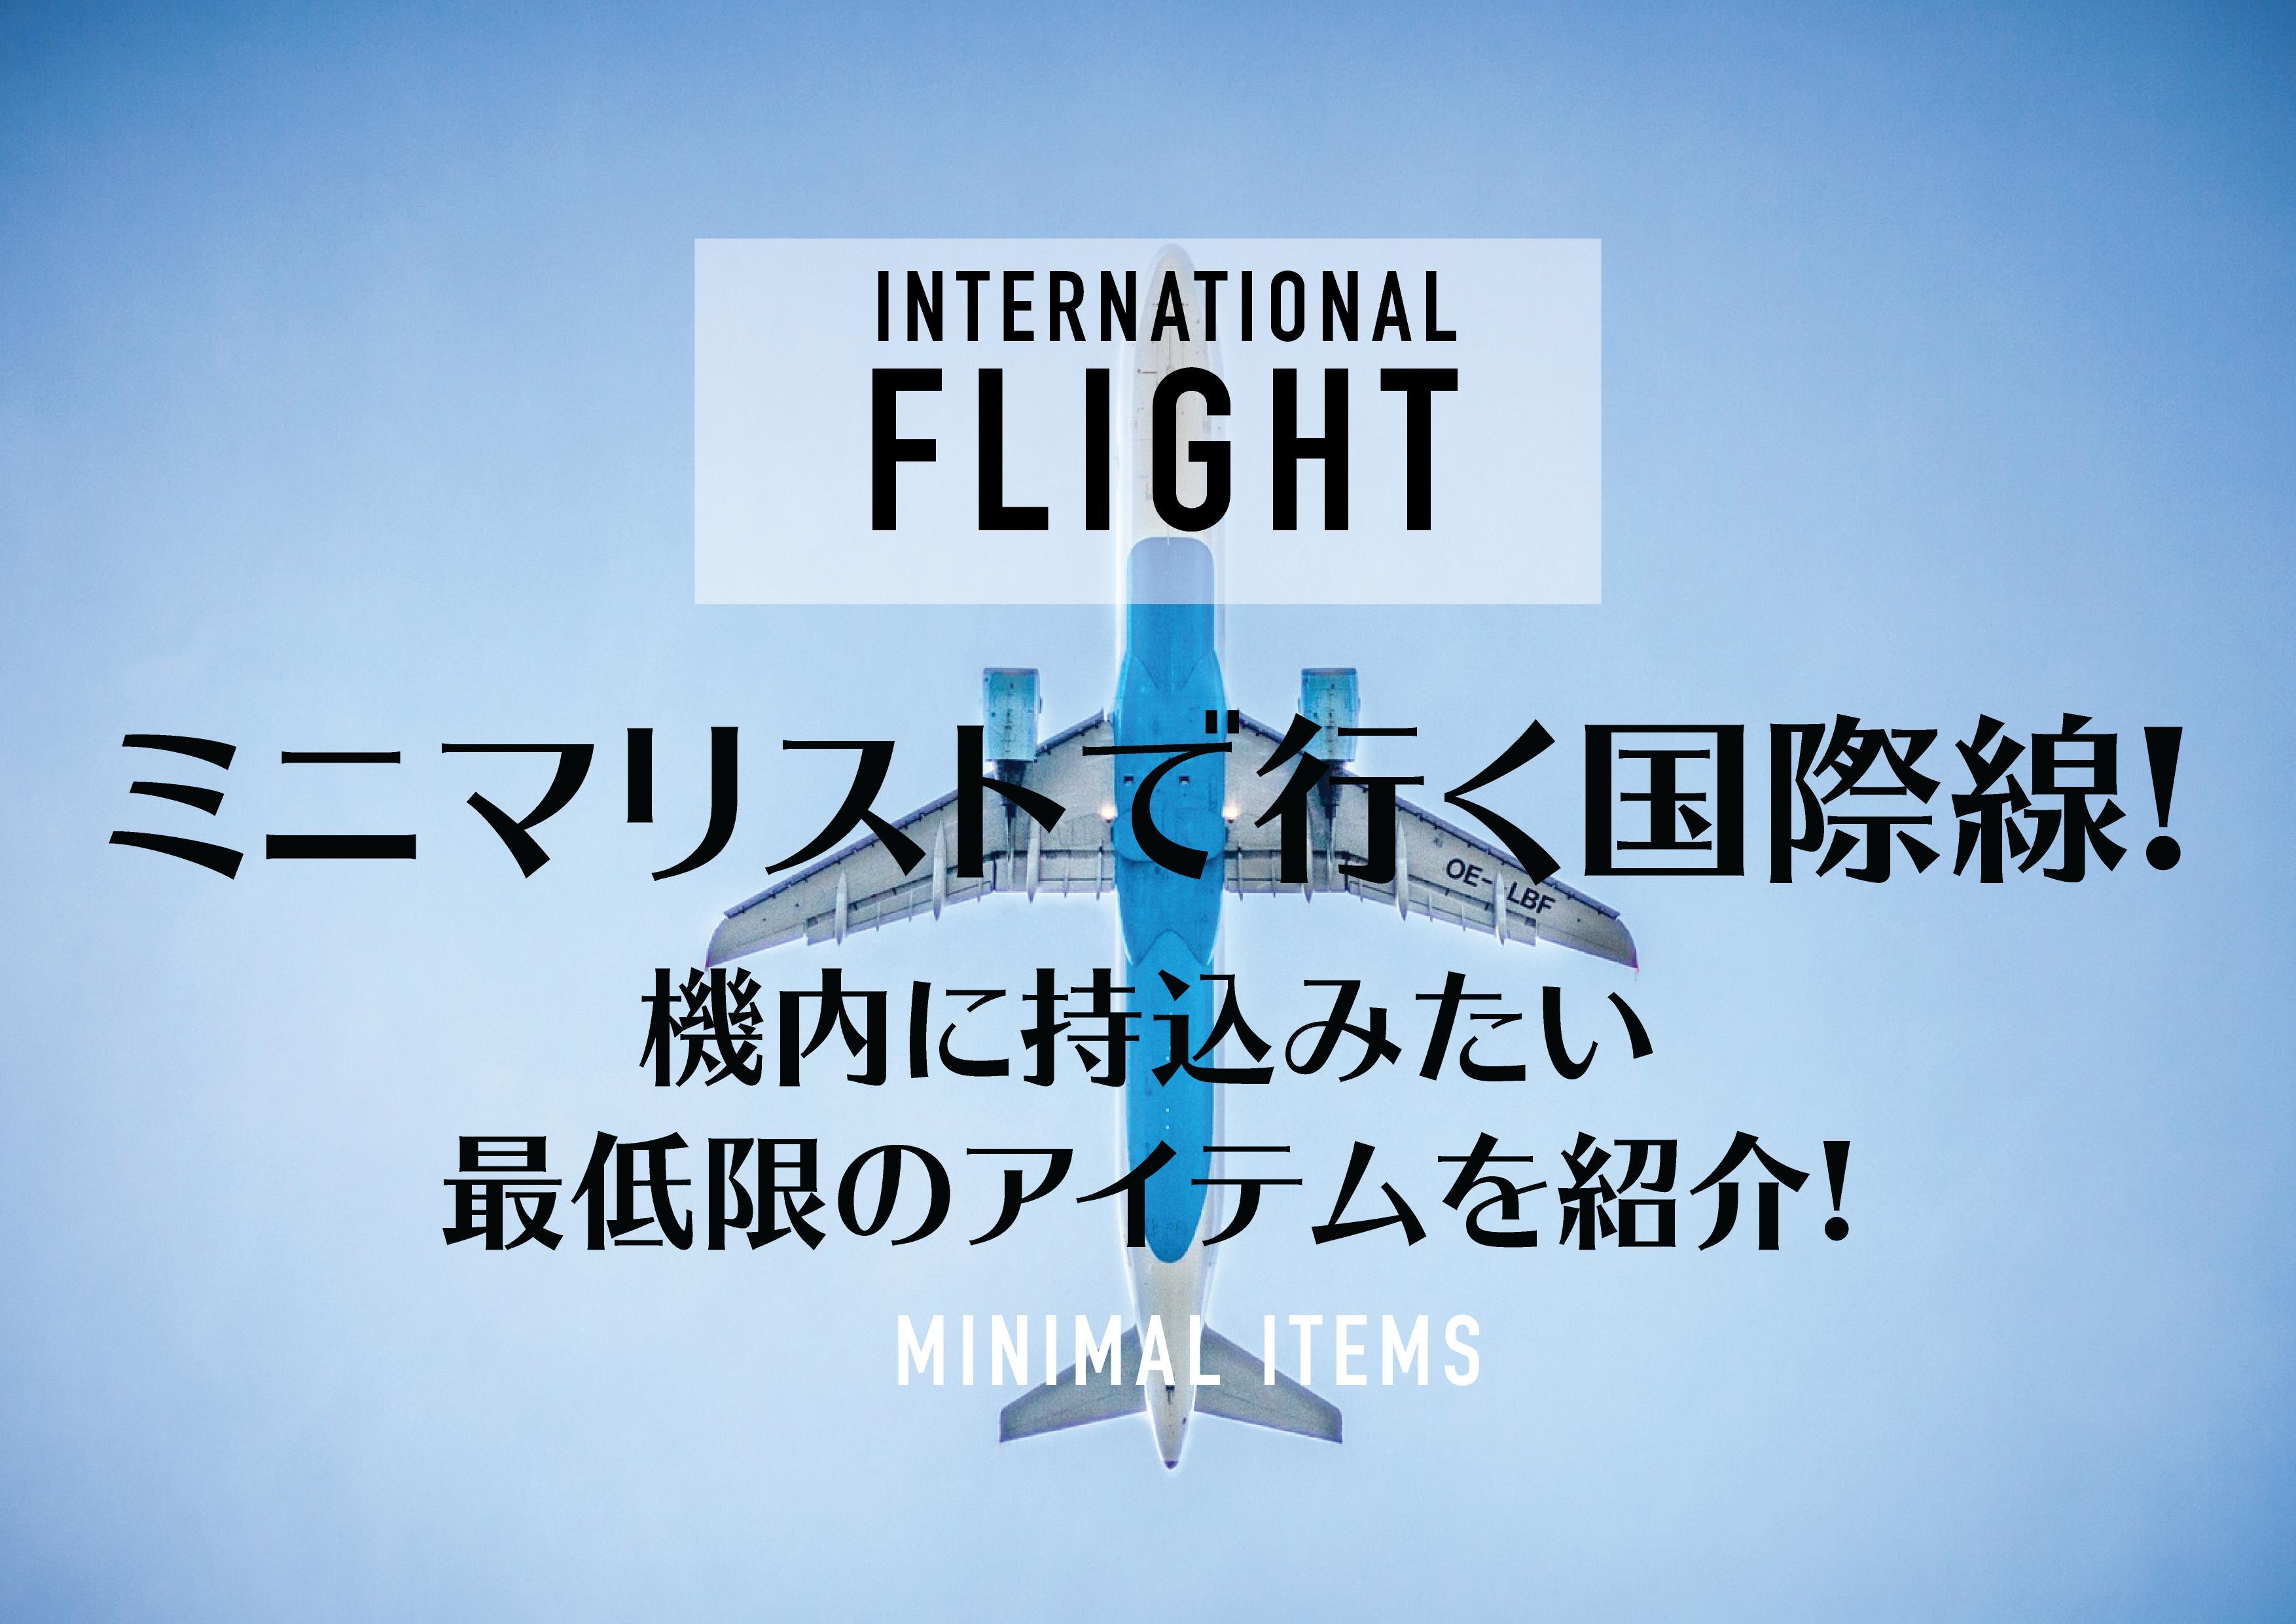 【国際線】ミニマリストで行く国際線!機内に持込みたい最低限のアイテムを紹介!【海外旅行】